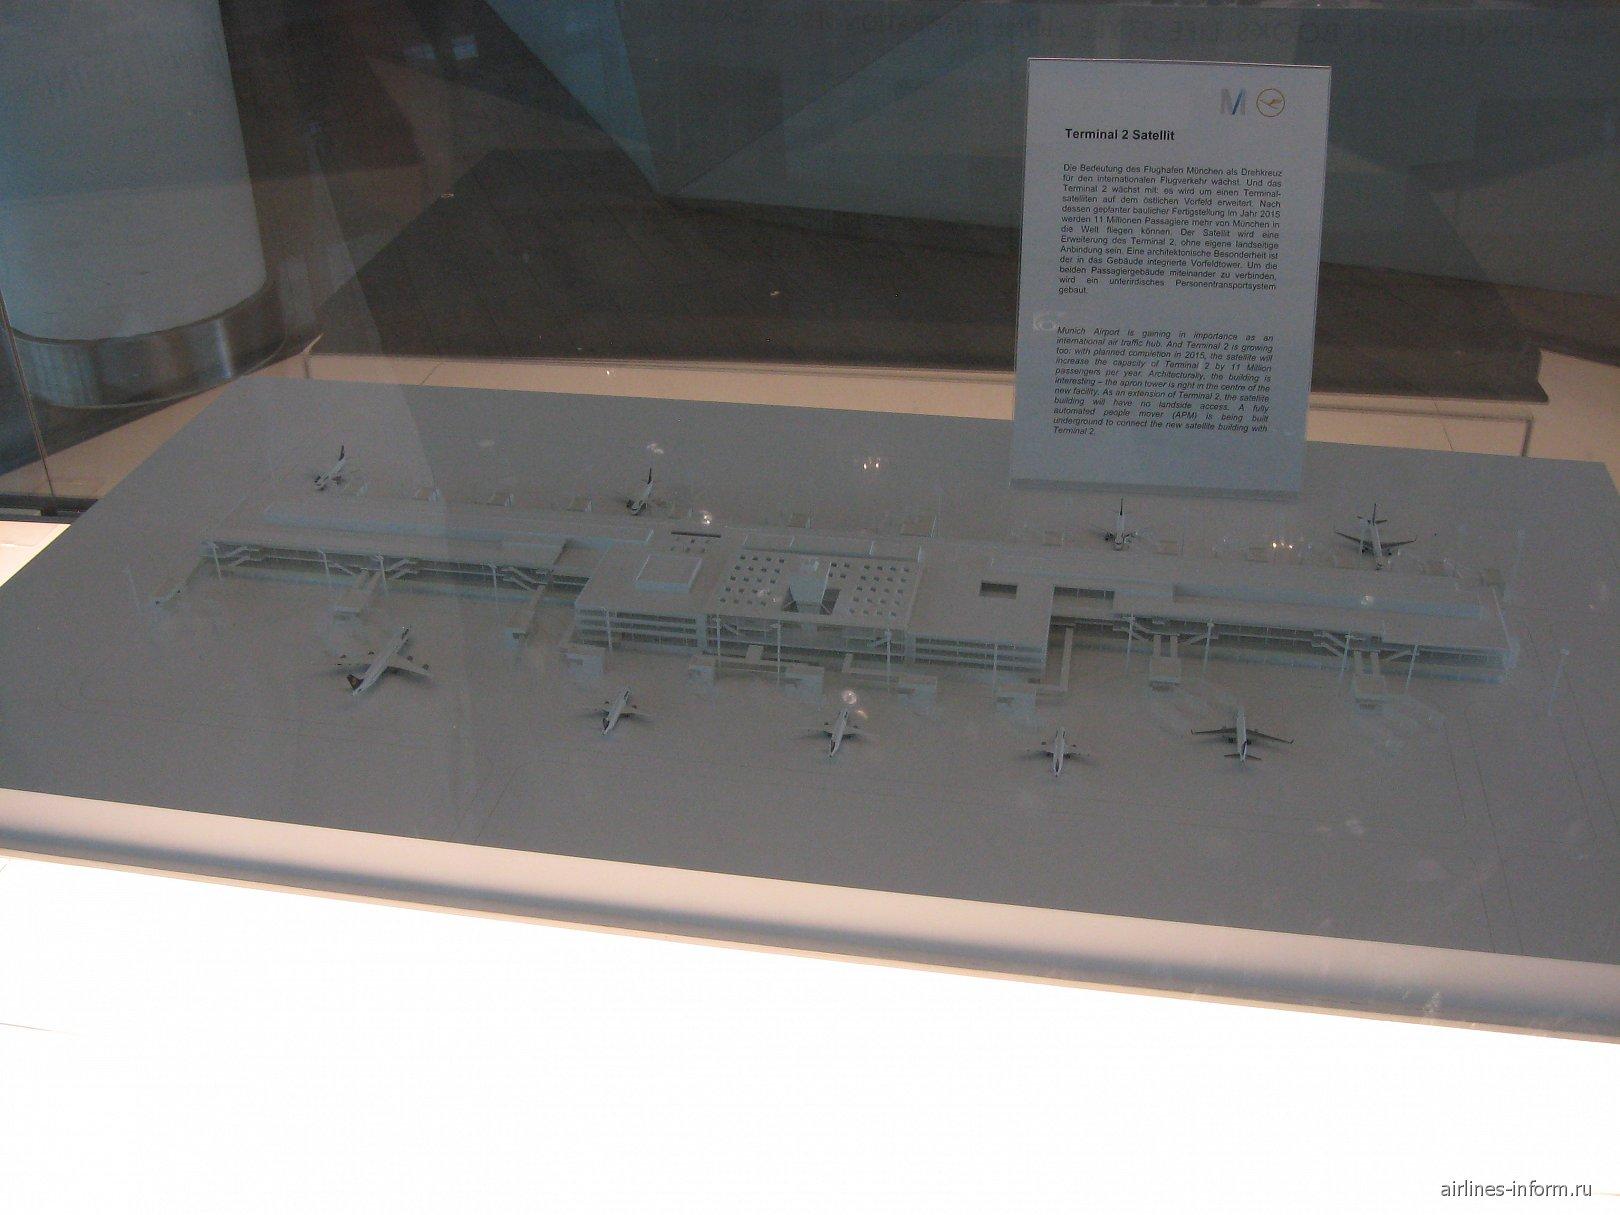 Макет спутника терминала 2